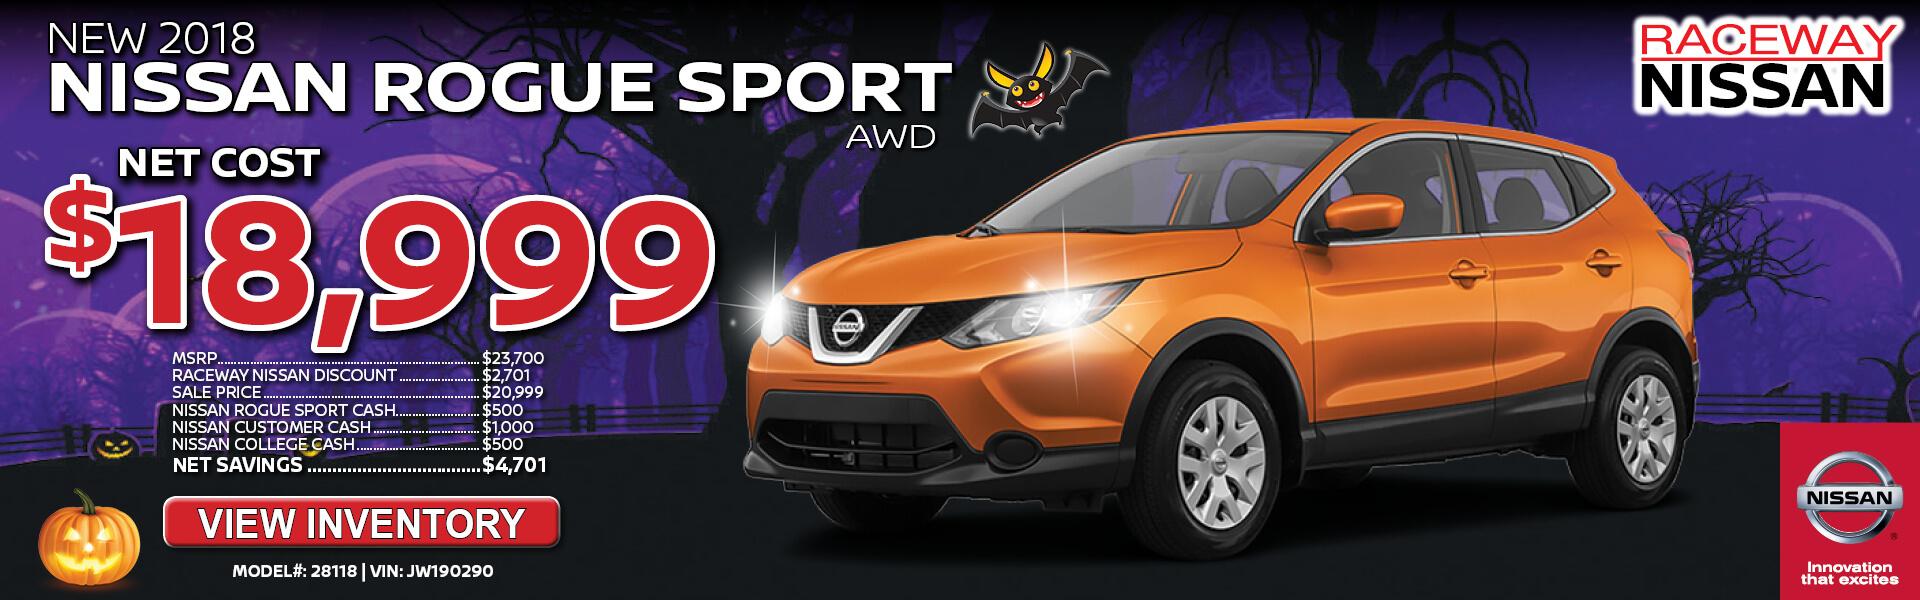 Nissan Rogue Sport $18,999